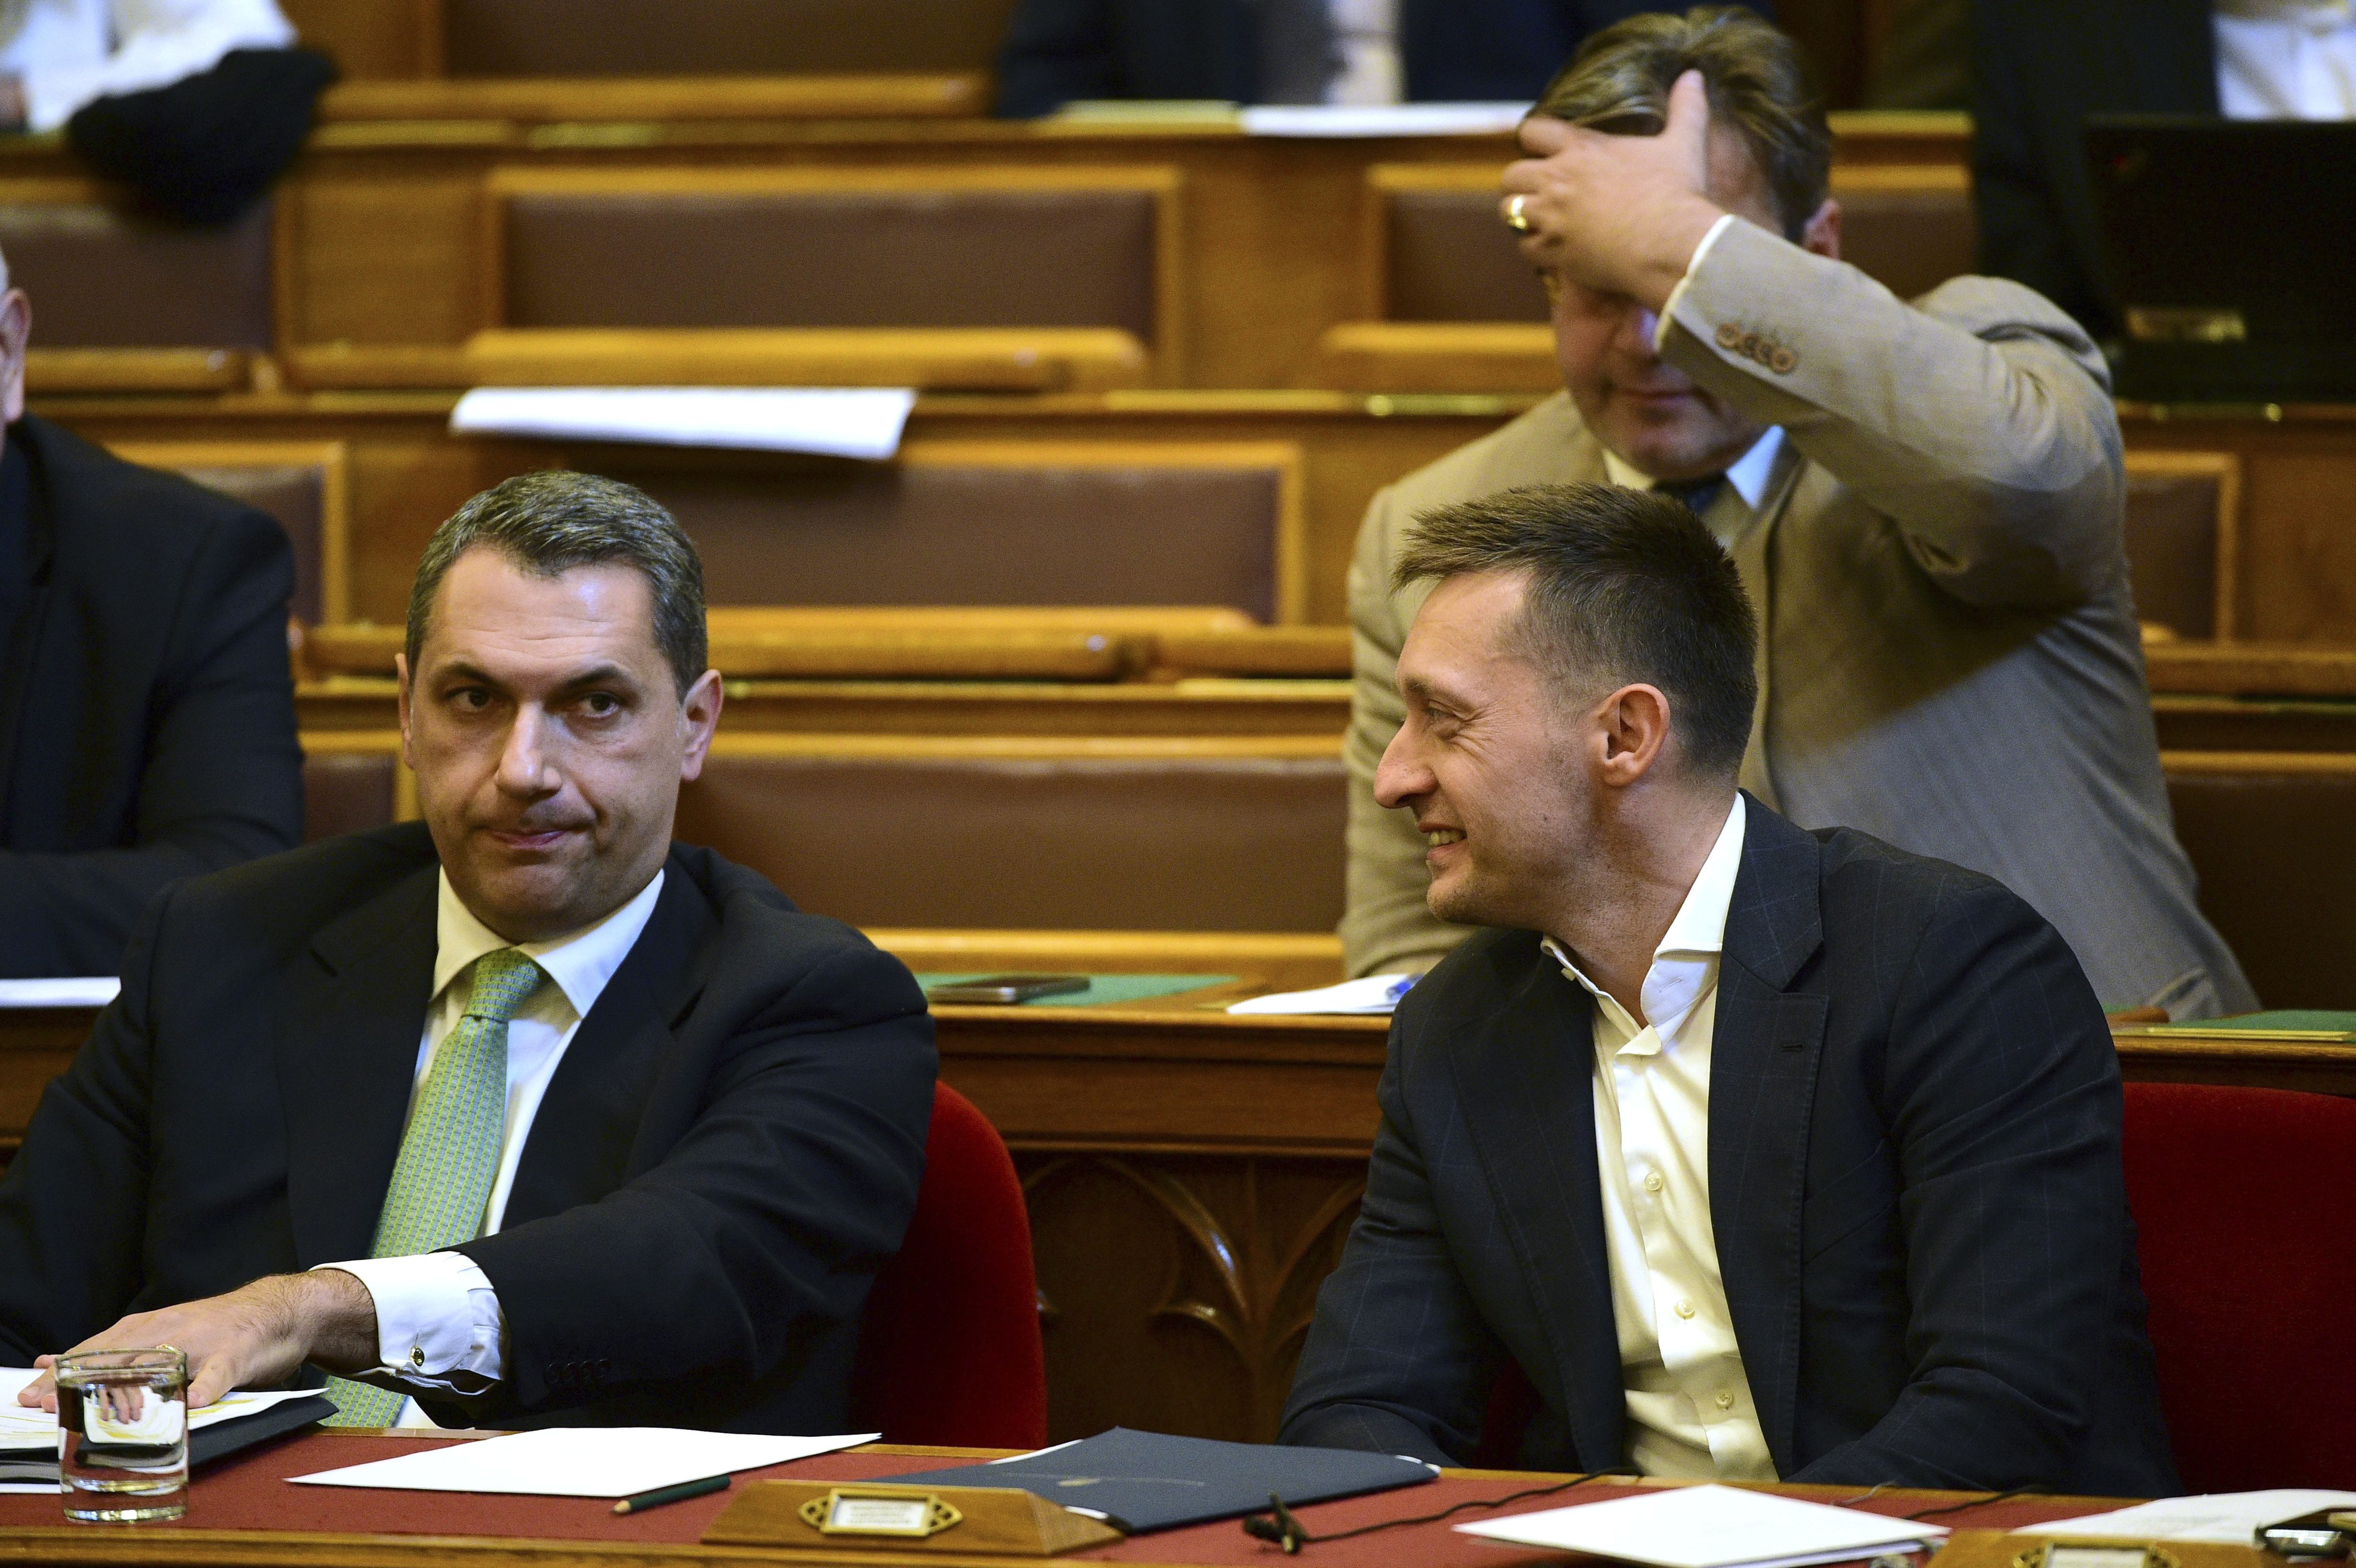 Lázár állítólag rámozdult a Szerencsejáték Zrt. részvényeire, amitől Rogán Antal nem lett túl boldog